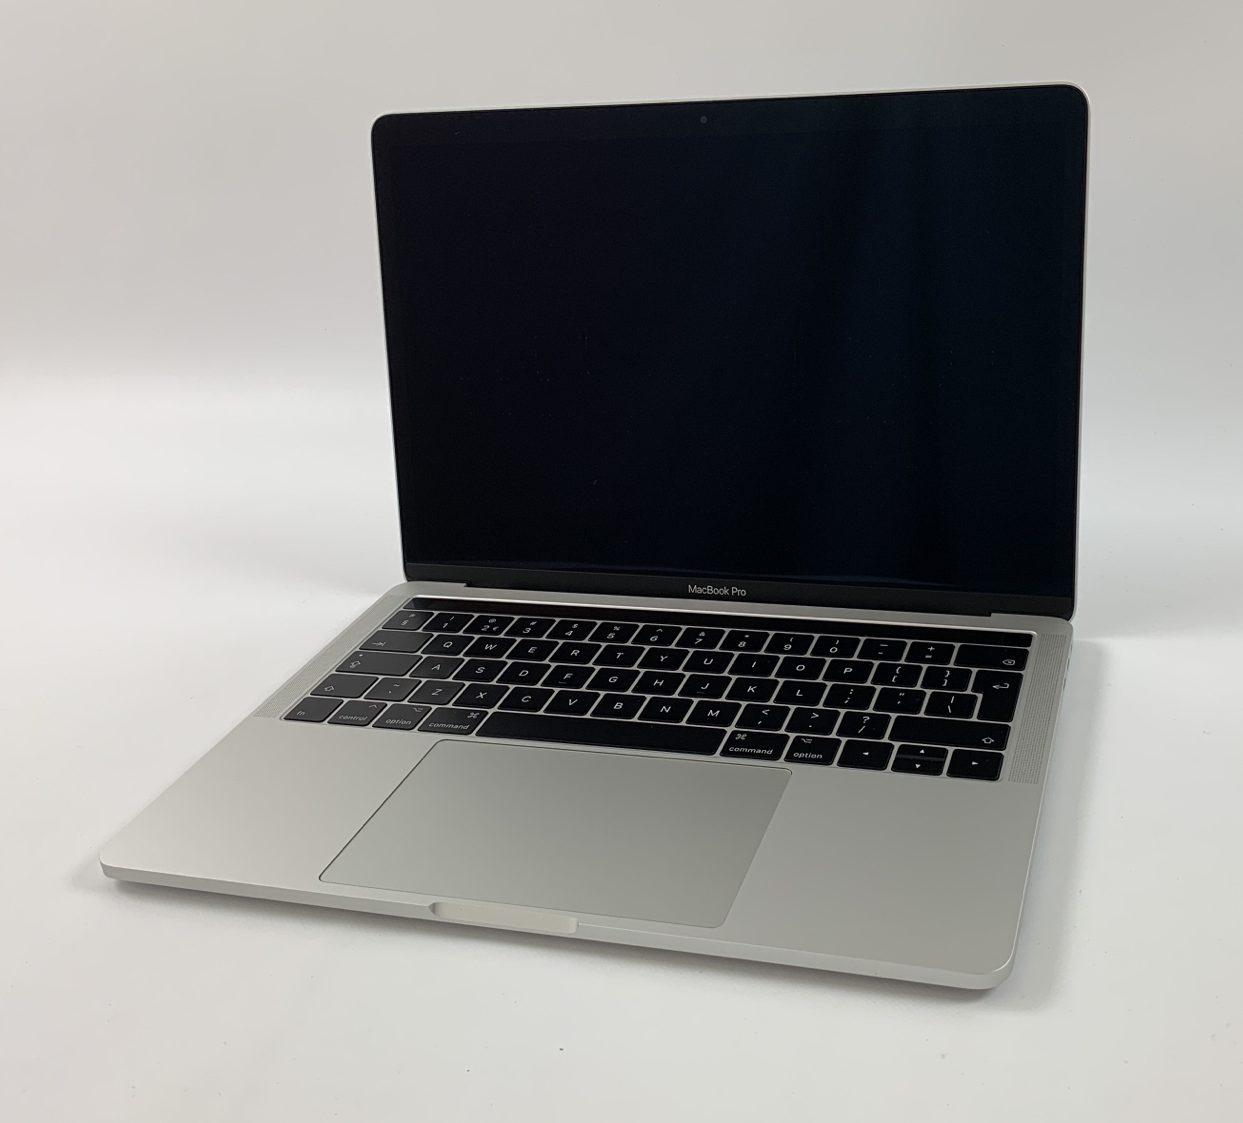 """MacBook Pro 13"""" 4TBT Mid 2017 (Intel Core i5 3.1 GHz 8 GB RAM 512 GB SSD), Silver, Intel Core i5 3.1 GHz, 8 GB RAM, 512 GB SSD, Afbeelding 1"""